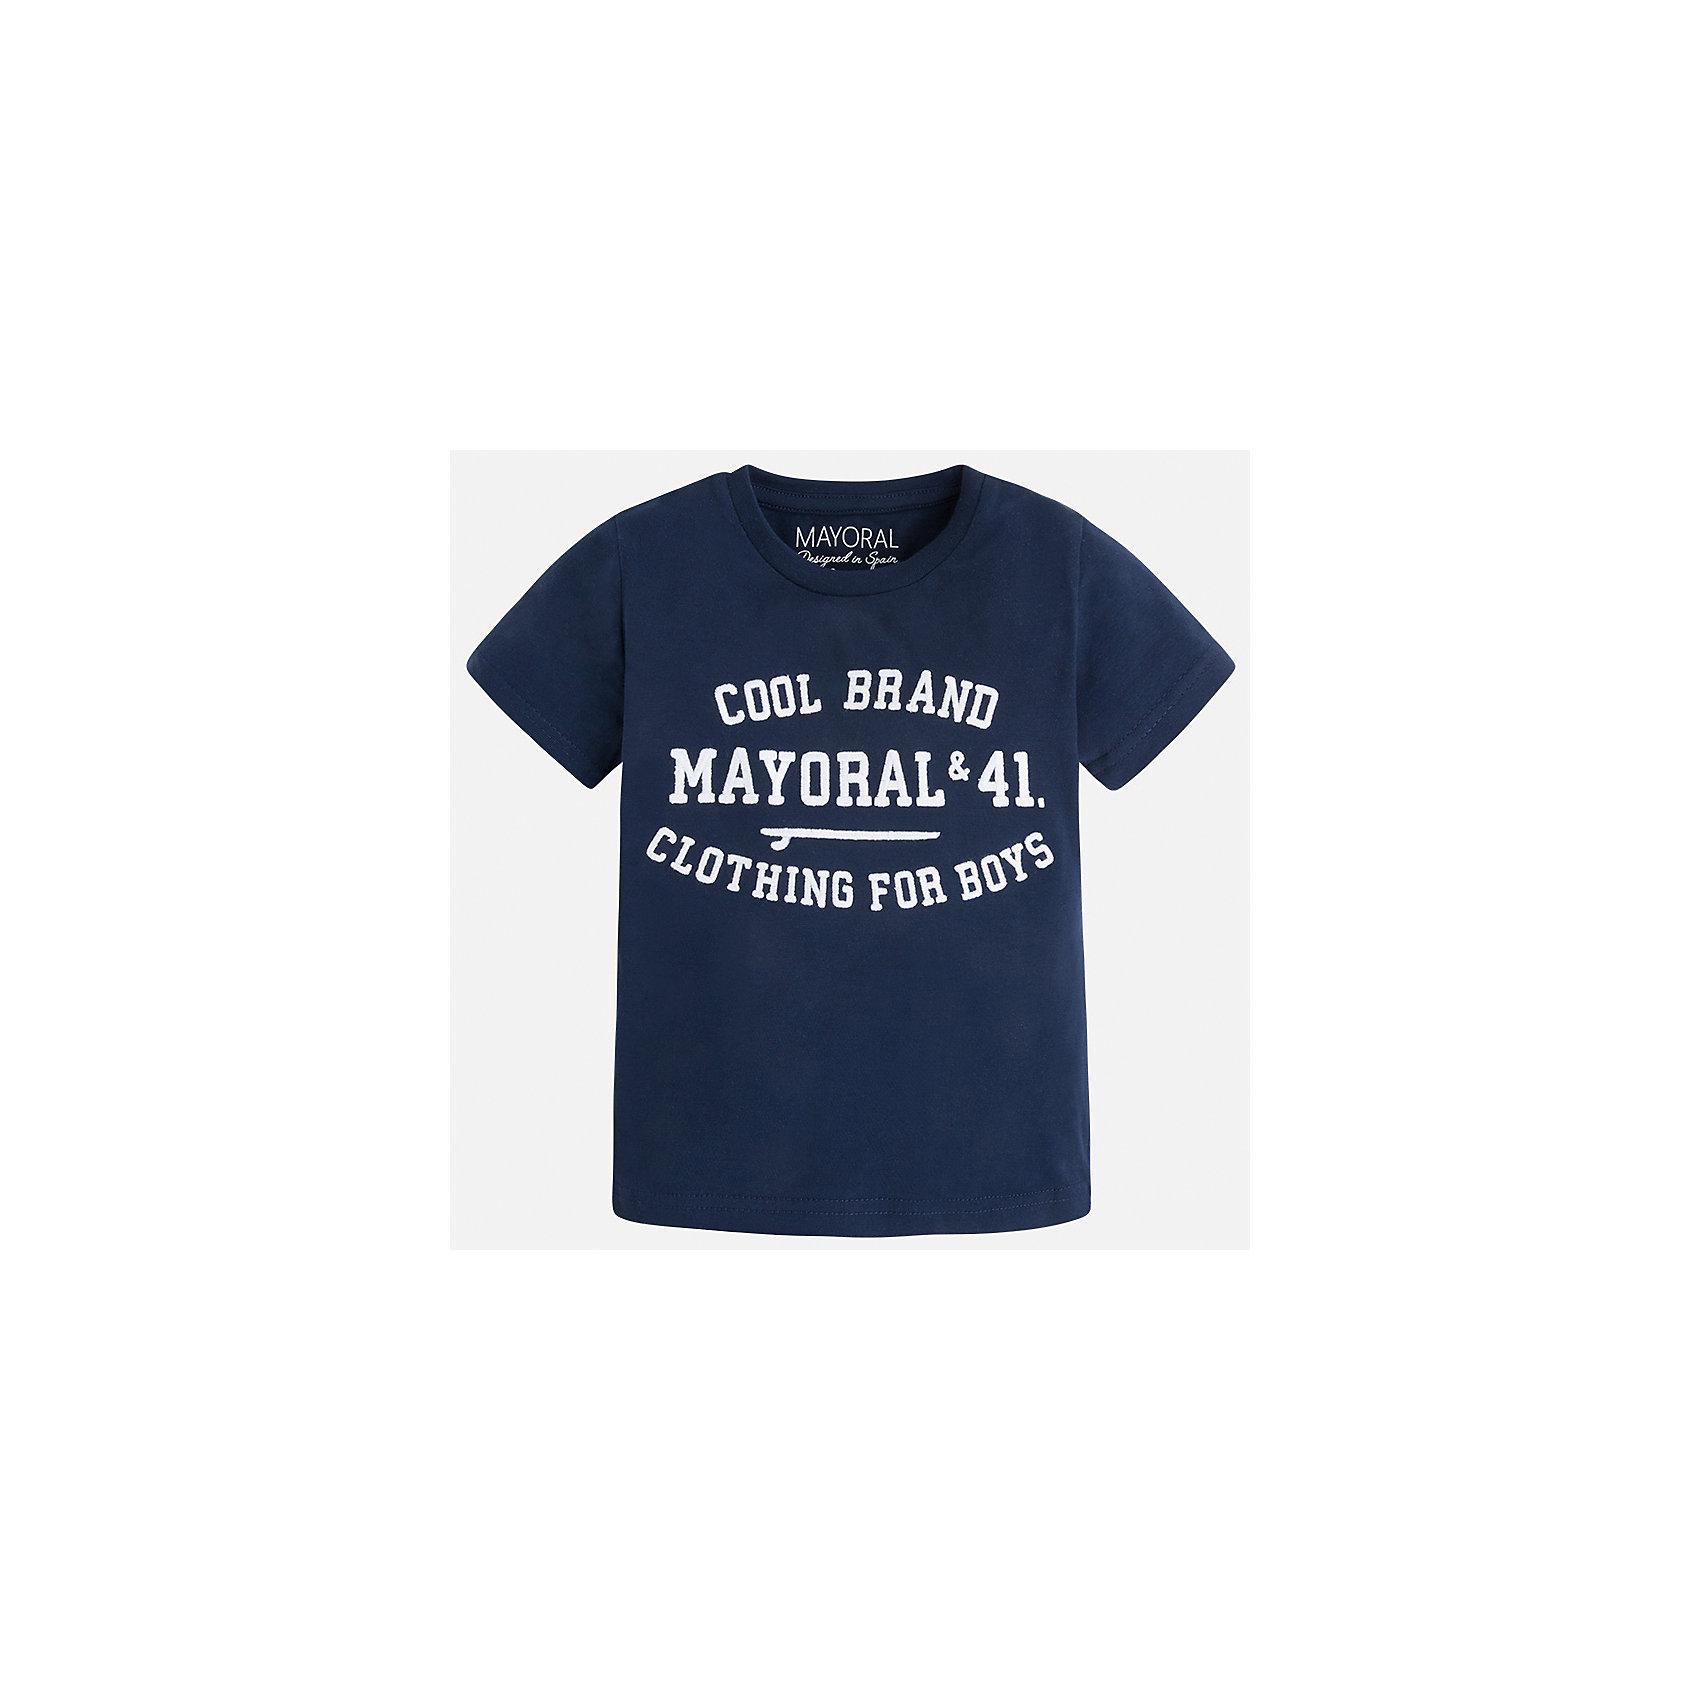 Футболка для мальчика MayoralФутболки, поло и топы<br>Характеристики товара:<br><br>• цвет: синий<br>• состав: 100% хлопок<br>• мягкая отделка ворота<br>• короткие рукава<br>• округлая горловина<br>• декорирована принтом<br>• страна бренда: Испания<br><br>Стильная удобная футболка для мальчика может стать базовой вещью в гардеробе ребенка. Она отлично сочетается с брюками, шортами, джинсами. Универсальный крой и цвет позволяет подобрать к вещи низ разных расцветок. Практичное и стильное изделие! В составе материала - только натуральный хлопок, гипоаллергенный, приятный на ощупь, дышащий.<br><br>Одежда, обувь и аксессуары от испанского бренда Mayoral полюбились детям и взрослым по всему миру. Модели этой марки - стильные и удобные. Для их производства используются только безопасные, качественные материалы и фурнитура. Порадуйте ребенка модными и красивыми вещами от Mayoral! <br><br>Футболку для мальчика от испанского бренда Mayoral (Майорал) можно купить в нашем интернет-магазине.<br><br>Ширина мм: 199<br>Глубина мм: 10<br>Высота мм: 161<br>Вес г: 151<br>Цвет: синий<br>Возраст от месяцев: 24<br>Возраст до месяцев: 36<br>Пол: Мужской<br>Возраст: Детский<br>Размер: 122,134,128,116,110,104,98,92<br>SKU: 5277803